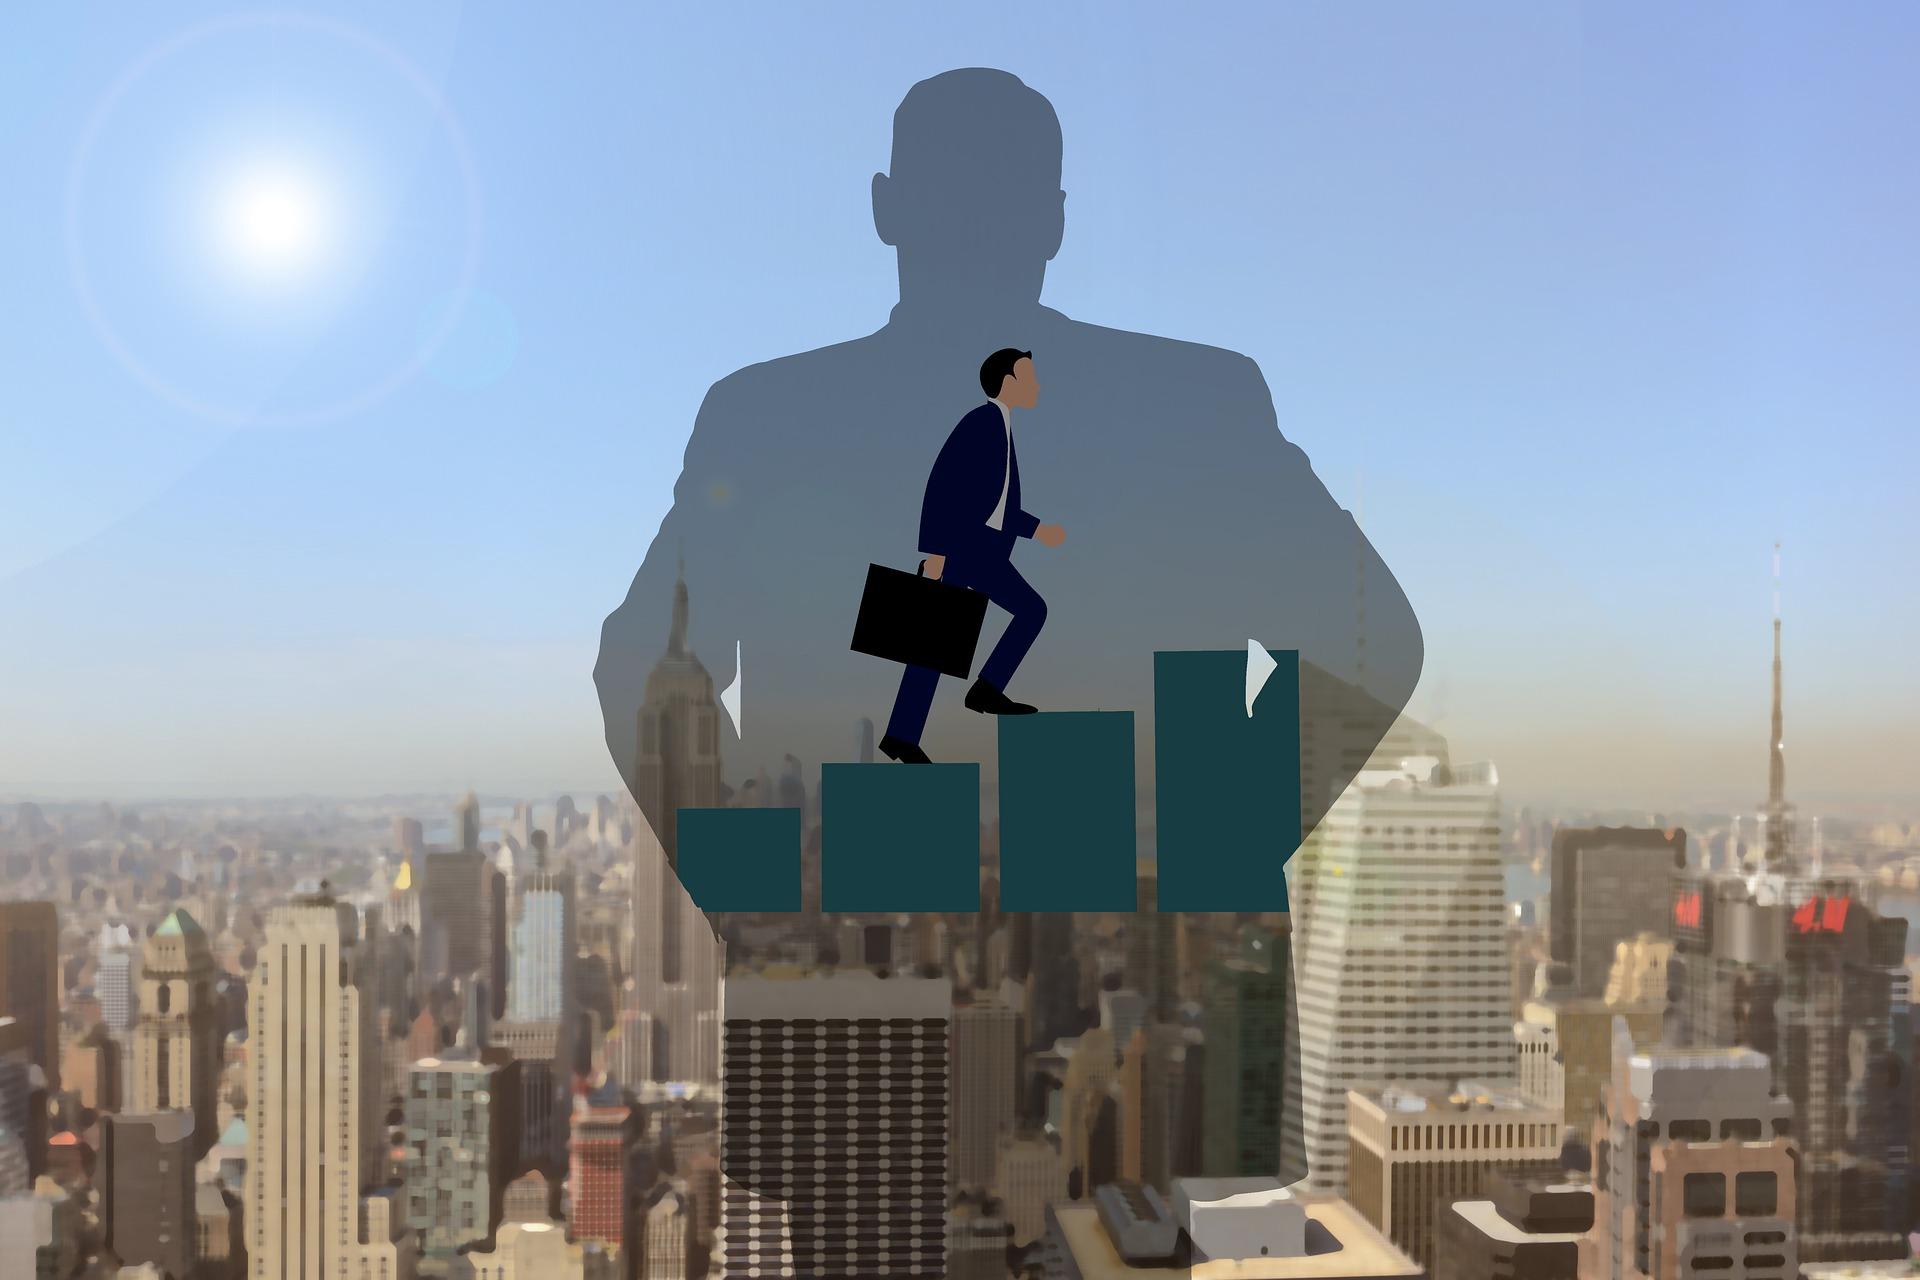 business-man-ge2d8d32c4_1920